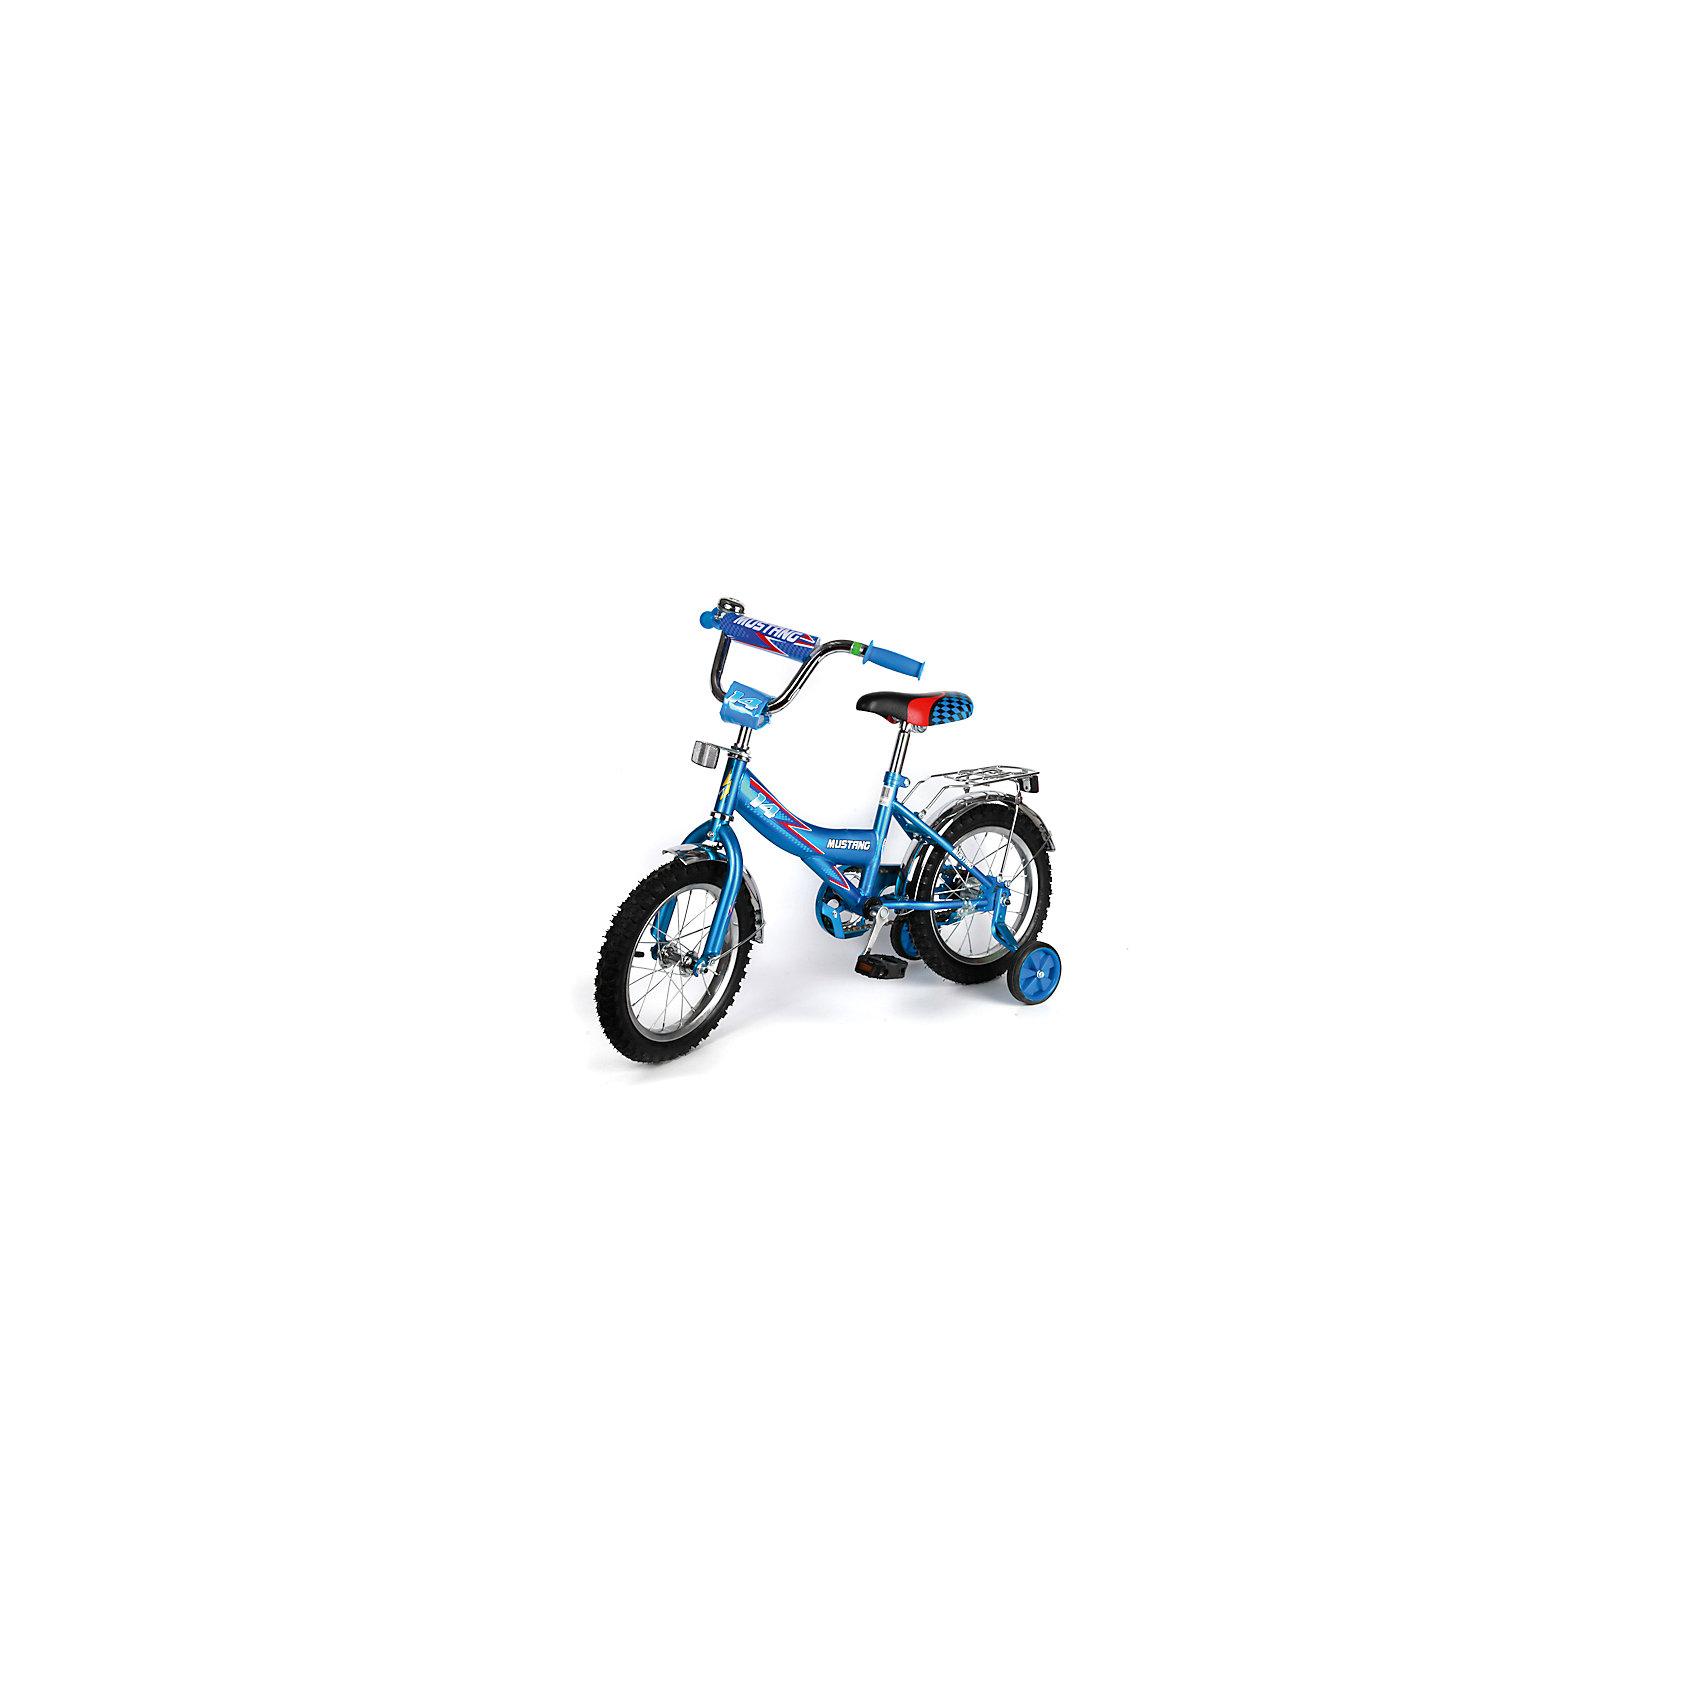 """Детский велосипед,  16"""", синий, MustangВелосипеды детские<br>Характеристики товара:<br><br>• цвет: синий<br>• низкая Push-рама<br>• диаметр колес:40 см (16)<br>• 1 скорость<br>• задний ножной тормоз<br>• регулируемый хромированный руль BMX с защитной накладкой<br>• багажник<br>• звонок<br>• приставные пластиковые колеса с усиленным кронштейном<br>• усиленные хромированные крылья<br>• откидная подножка хромированная средняя<br>• полная защита цепи """"Р"""" типа<br>• вес: 11,5 кг<br>• размер в собранном виде: 53х81х111 см<br>• допустимый вес: до 40 кг<br>• рекомендуемый возраст: от 3 лет<br>• страна производства: Китай<br><br>Велосипед детский «Mustang» 16"""" можно купить в нашем магазине.<br><br>Ширина мм: 530<br>Глубина мм: 810<br>Высота мм: 1110<br>Вес г: 11500<br>Возраст от месяцев: 36<br>Возраст до месяцев: 96<br>Пол: Мужской<br>Возраст: Детский<br>SKU: 5526378"""